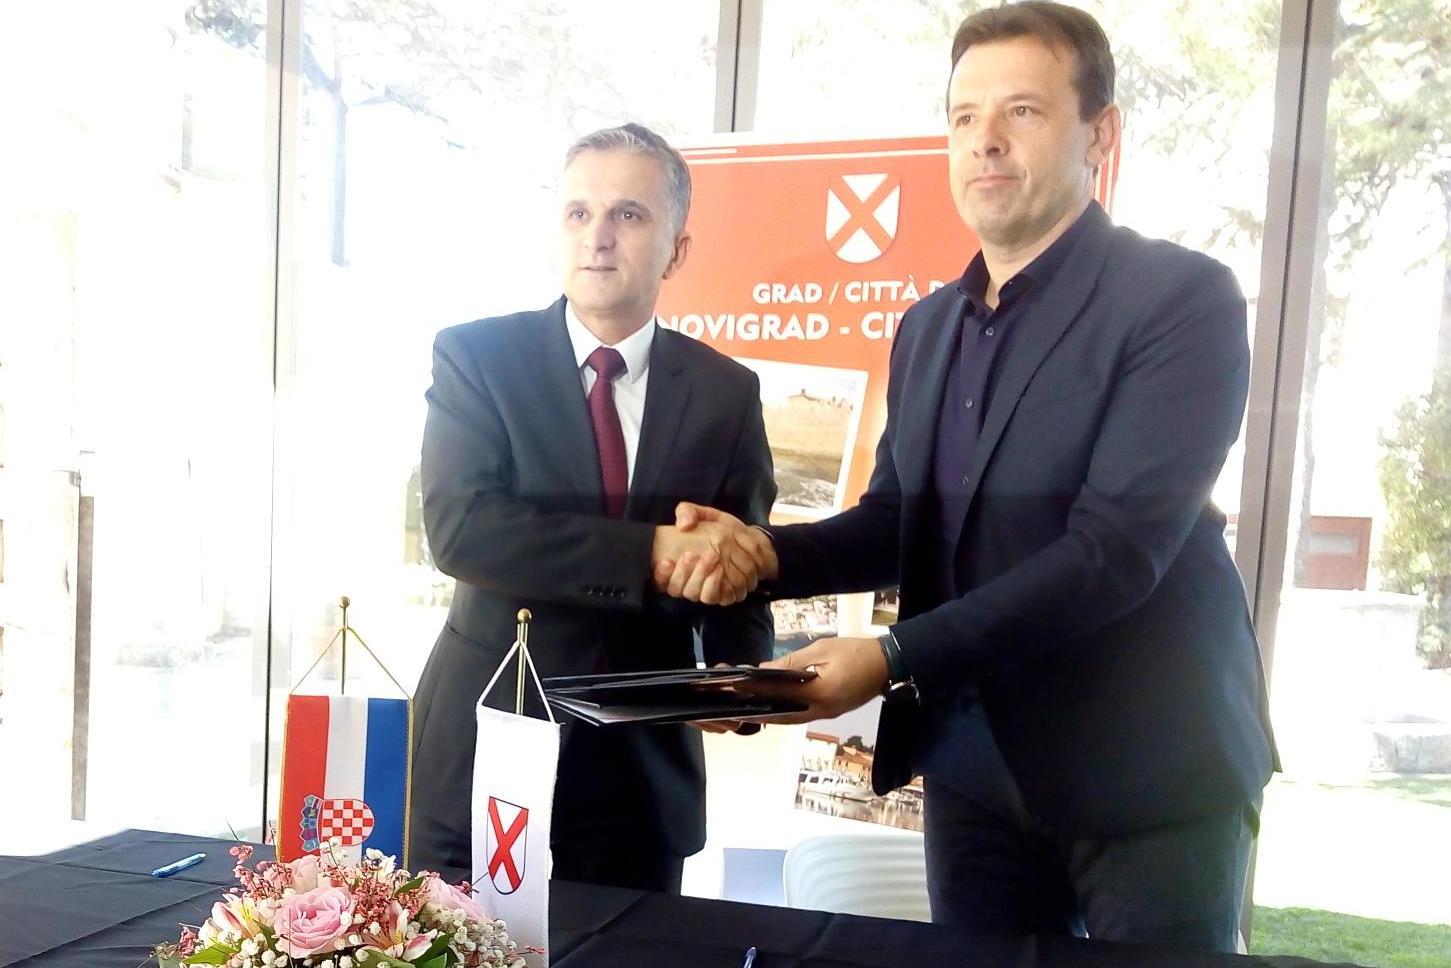 http://www.novigrad.hr/il_ministro_goran_mari_e_il_sindaco_anteo_milos_hanno_firmato_il_contratto